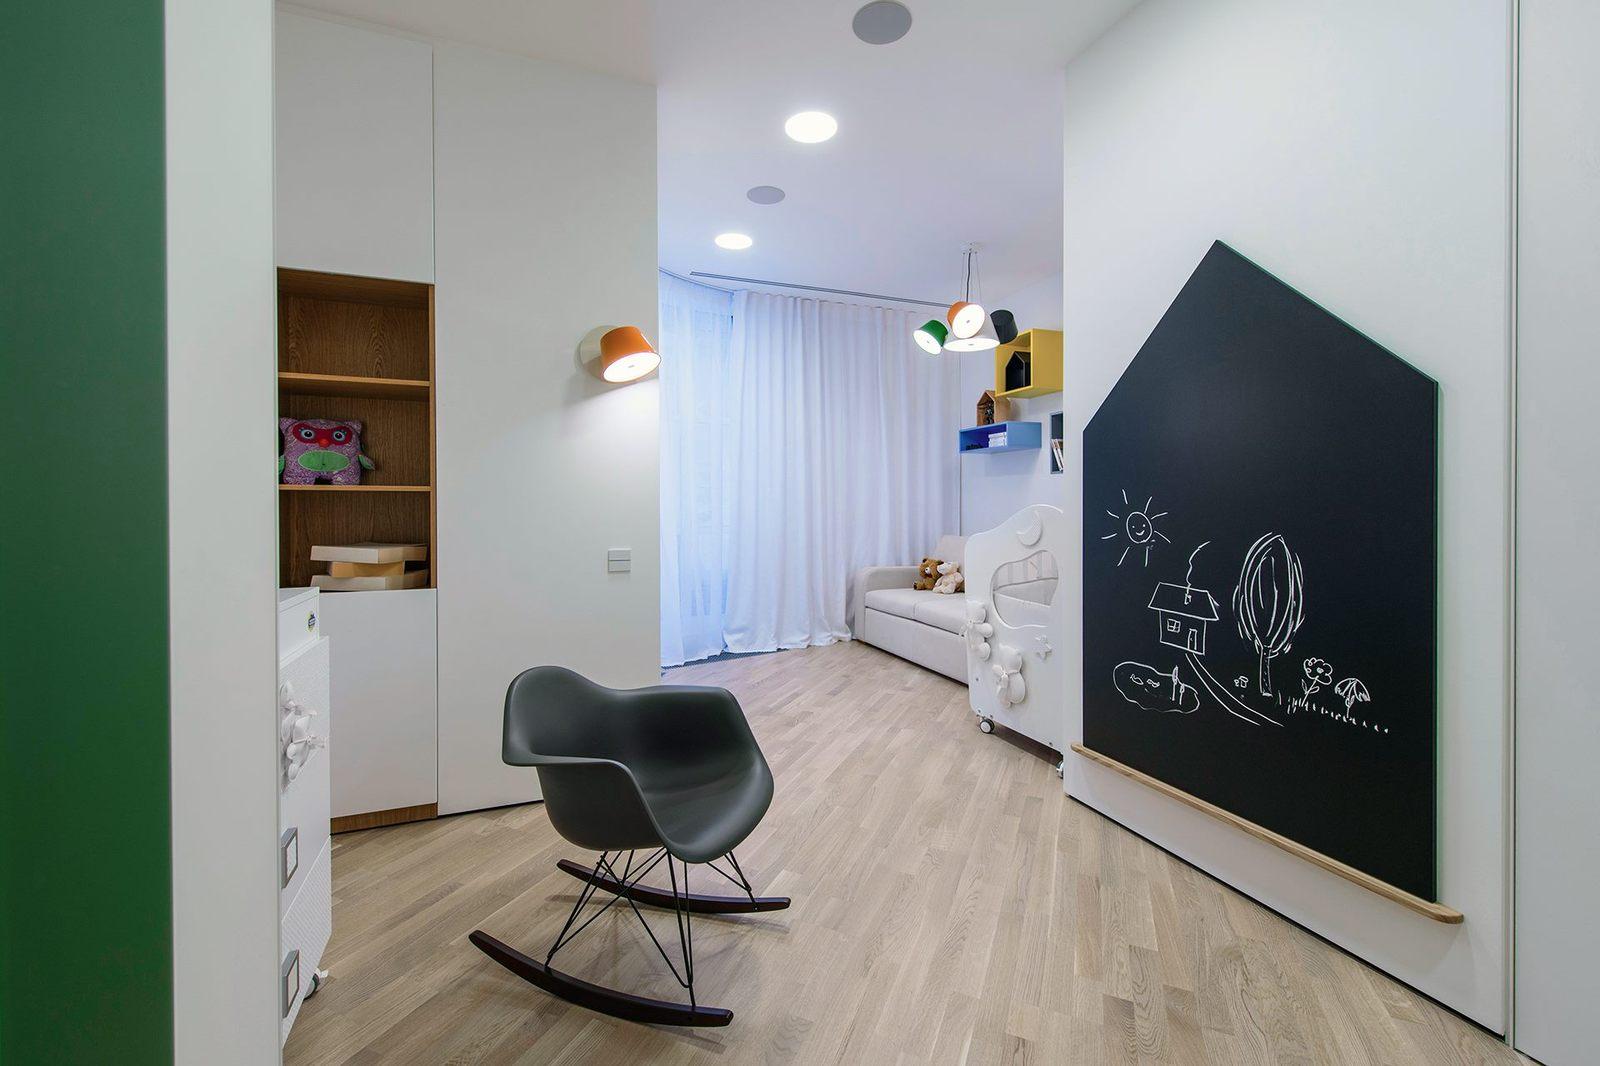 Интересной идеей станет установка большой доски для рисования на одной из стен детской